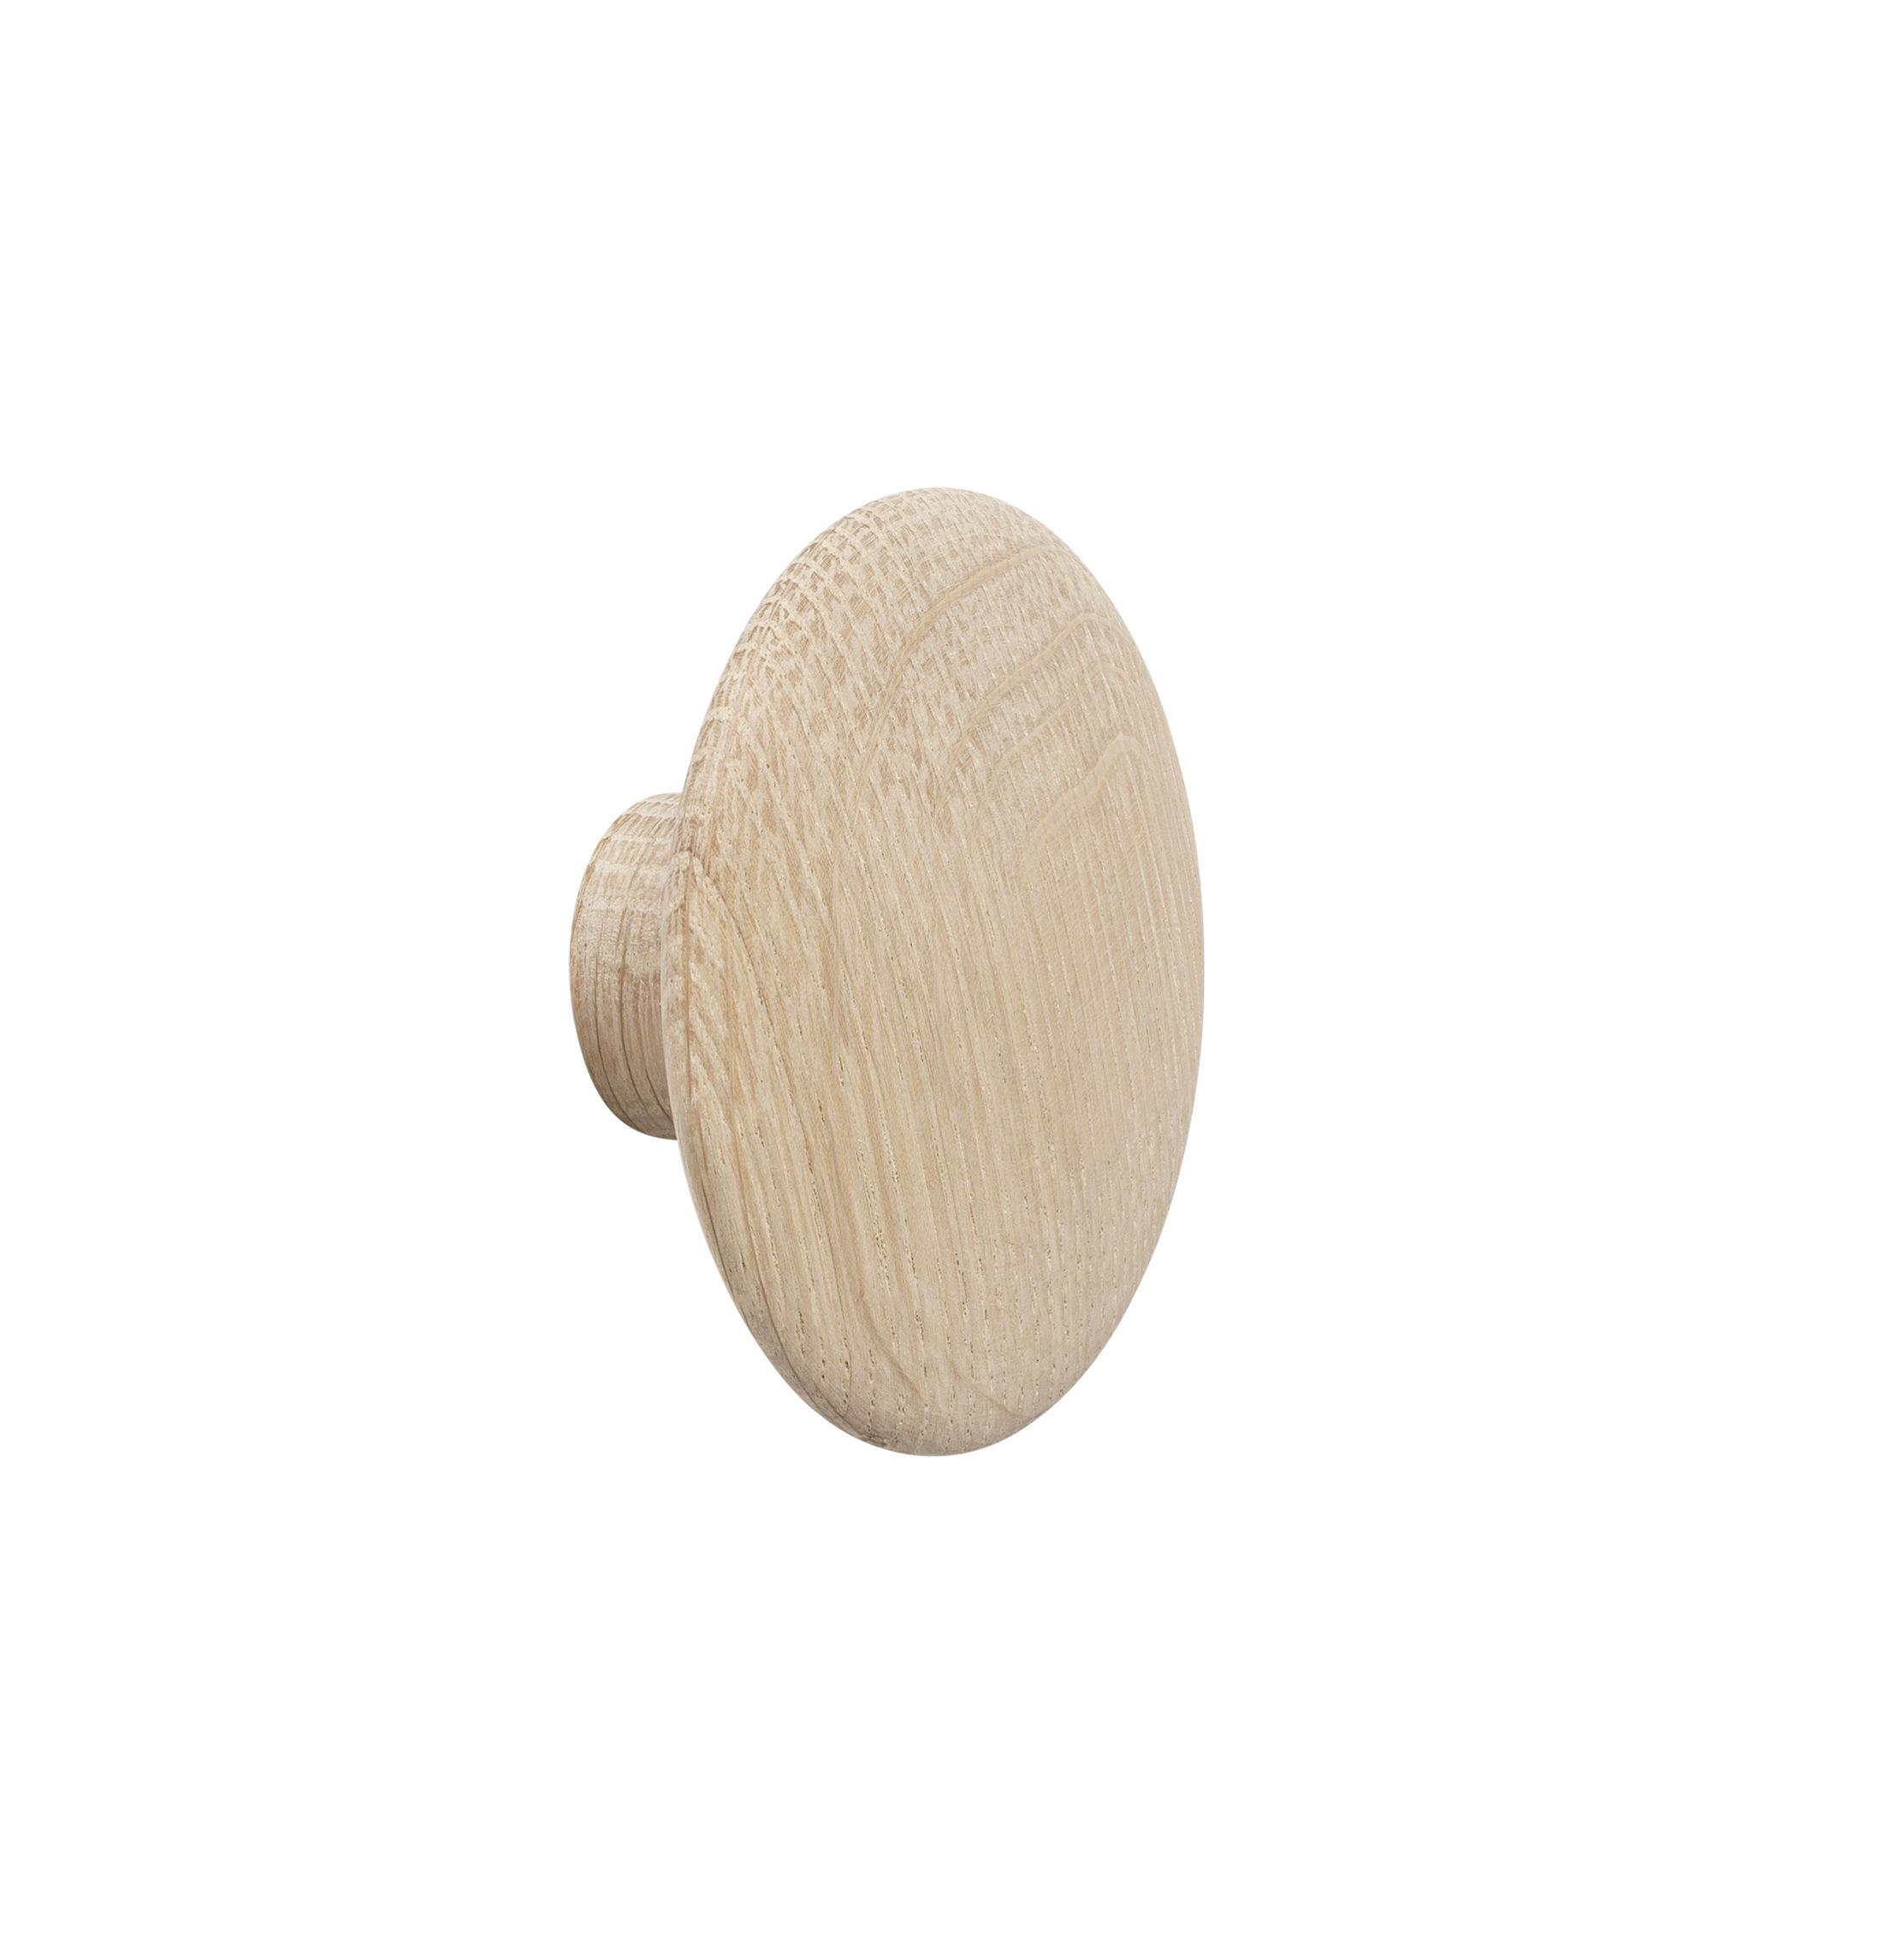 Mobilier - Portemanteaux, patères & portants - Patère The Dots Wood / XSmall - Ø  6,5 cm - Muuto - Chêne naturel - Chêne naturel